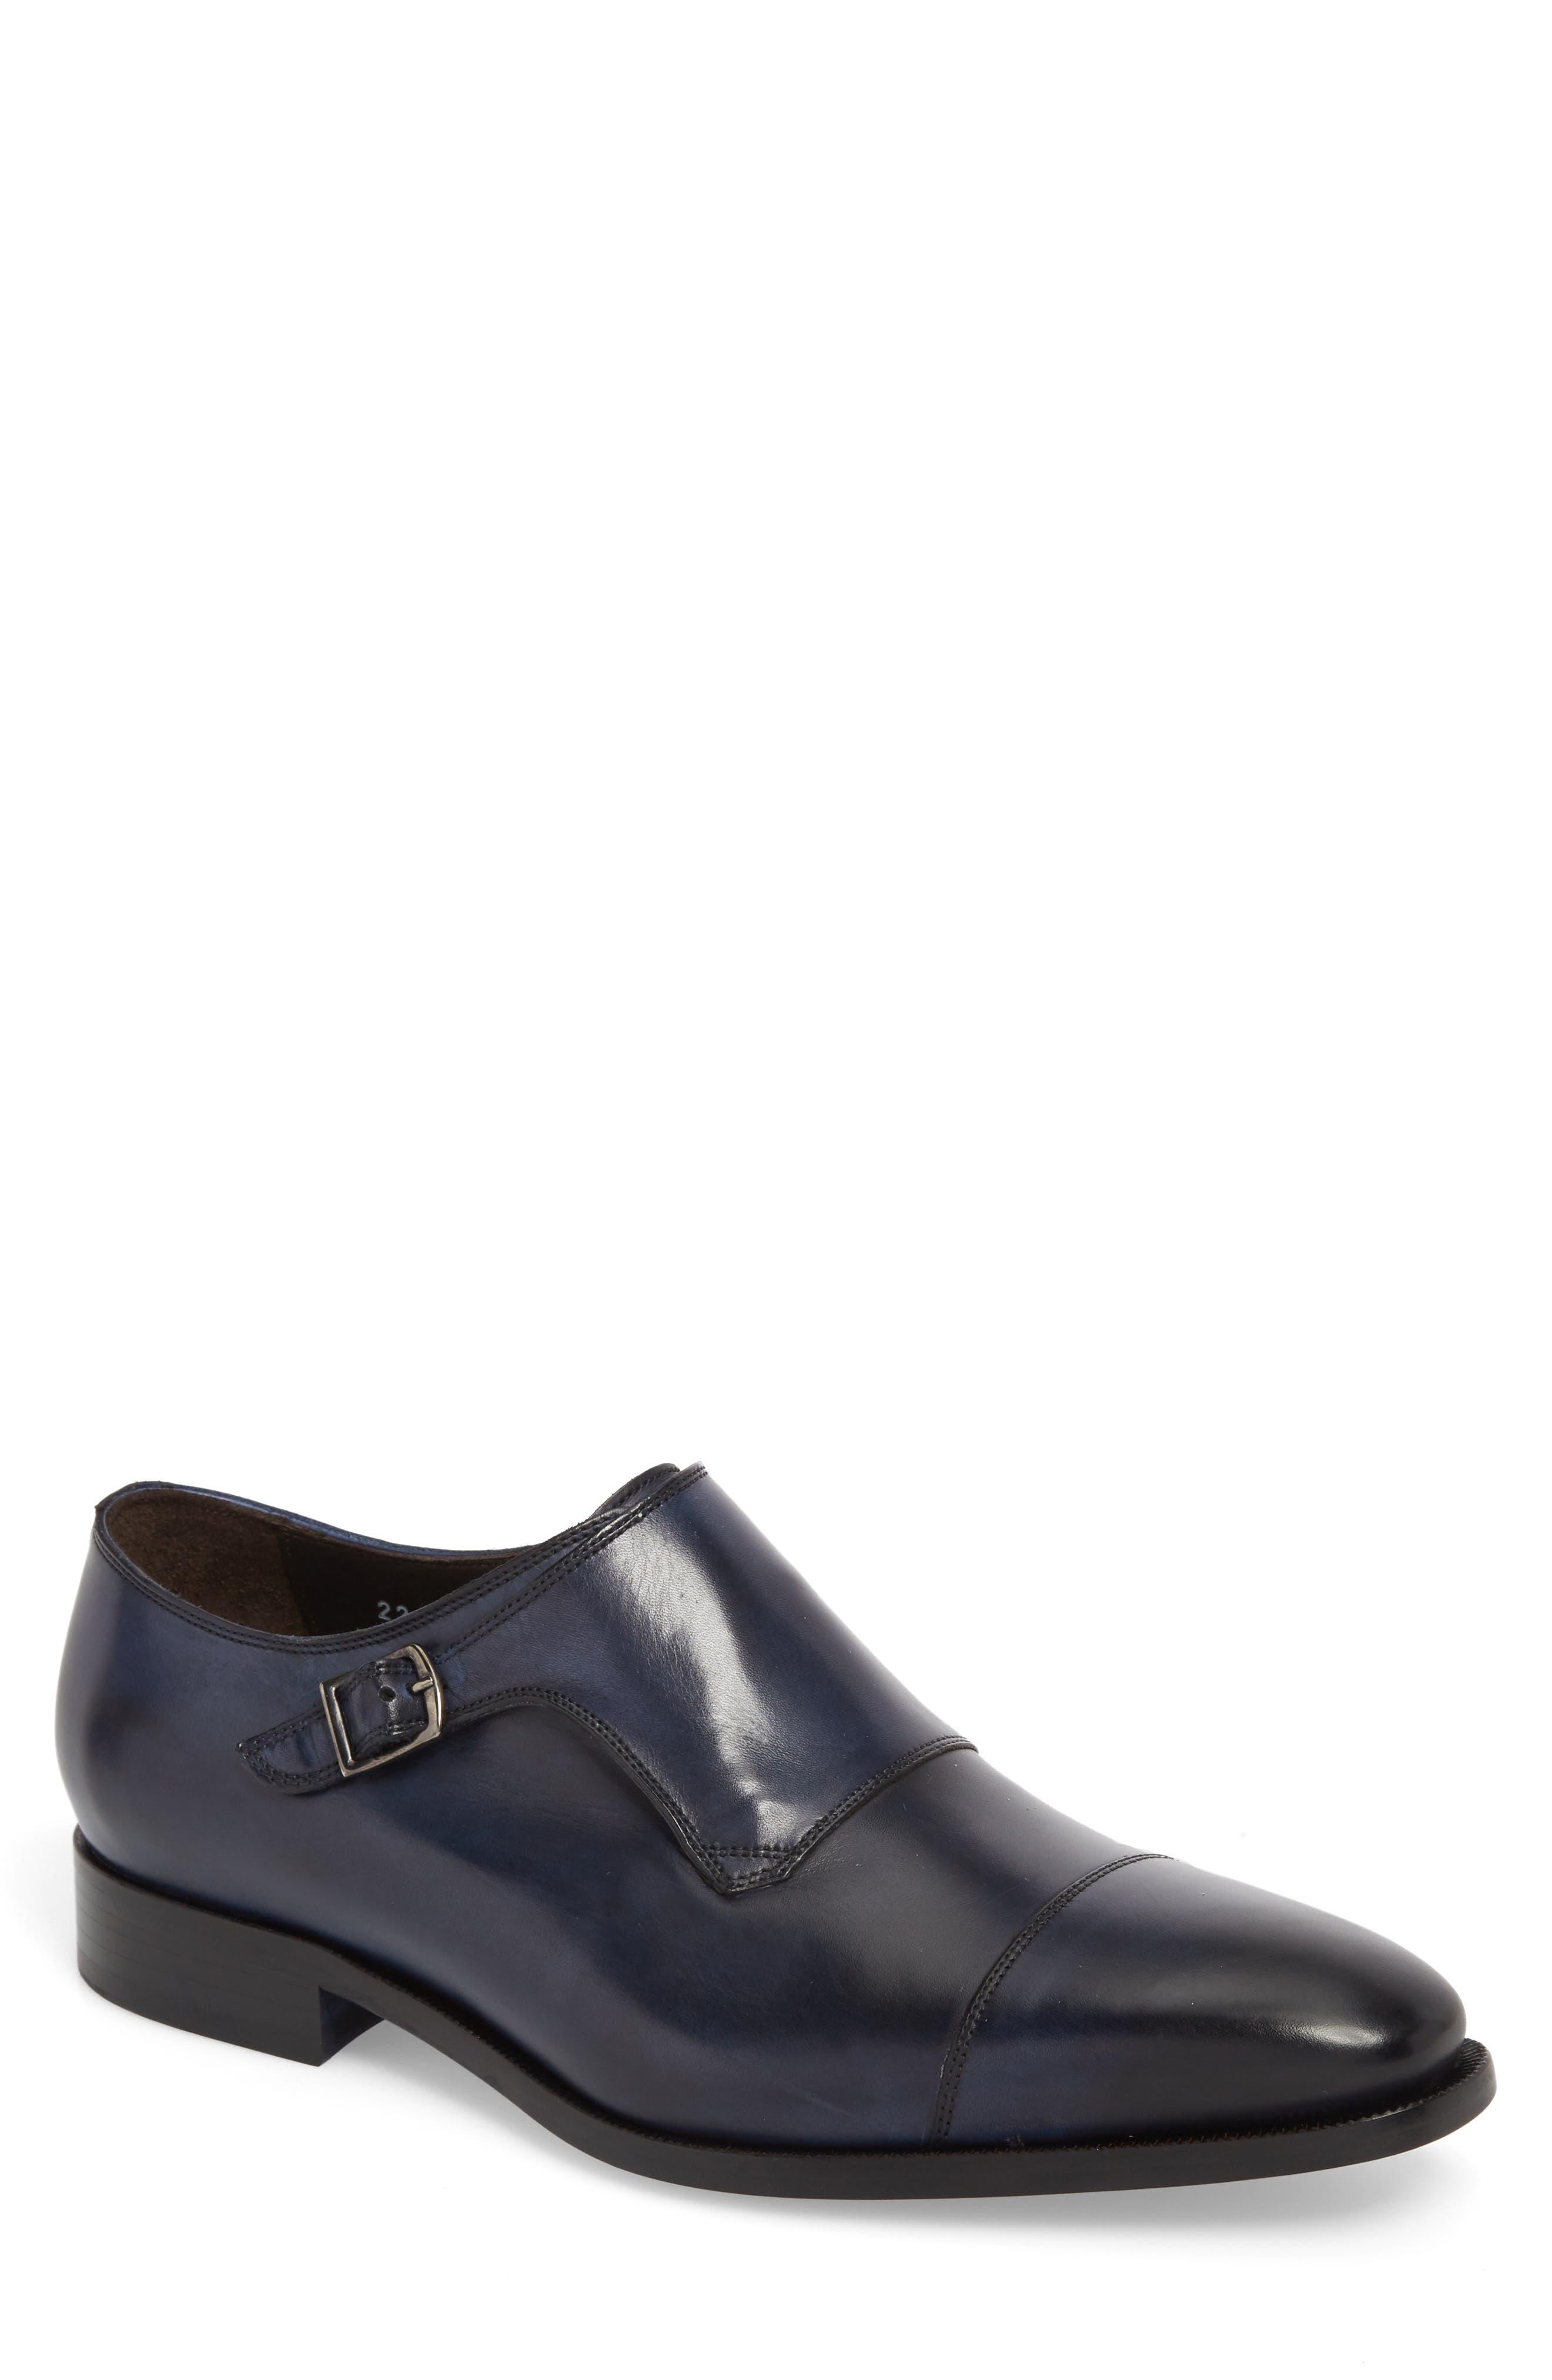 Ludlum Cap Toe Monk Shoe,                         Main,                         color, Blue Leather